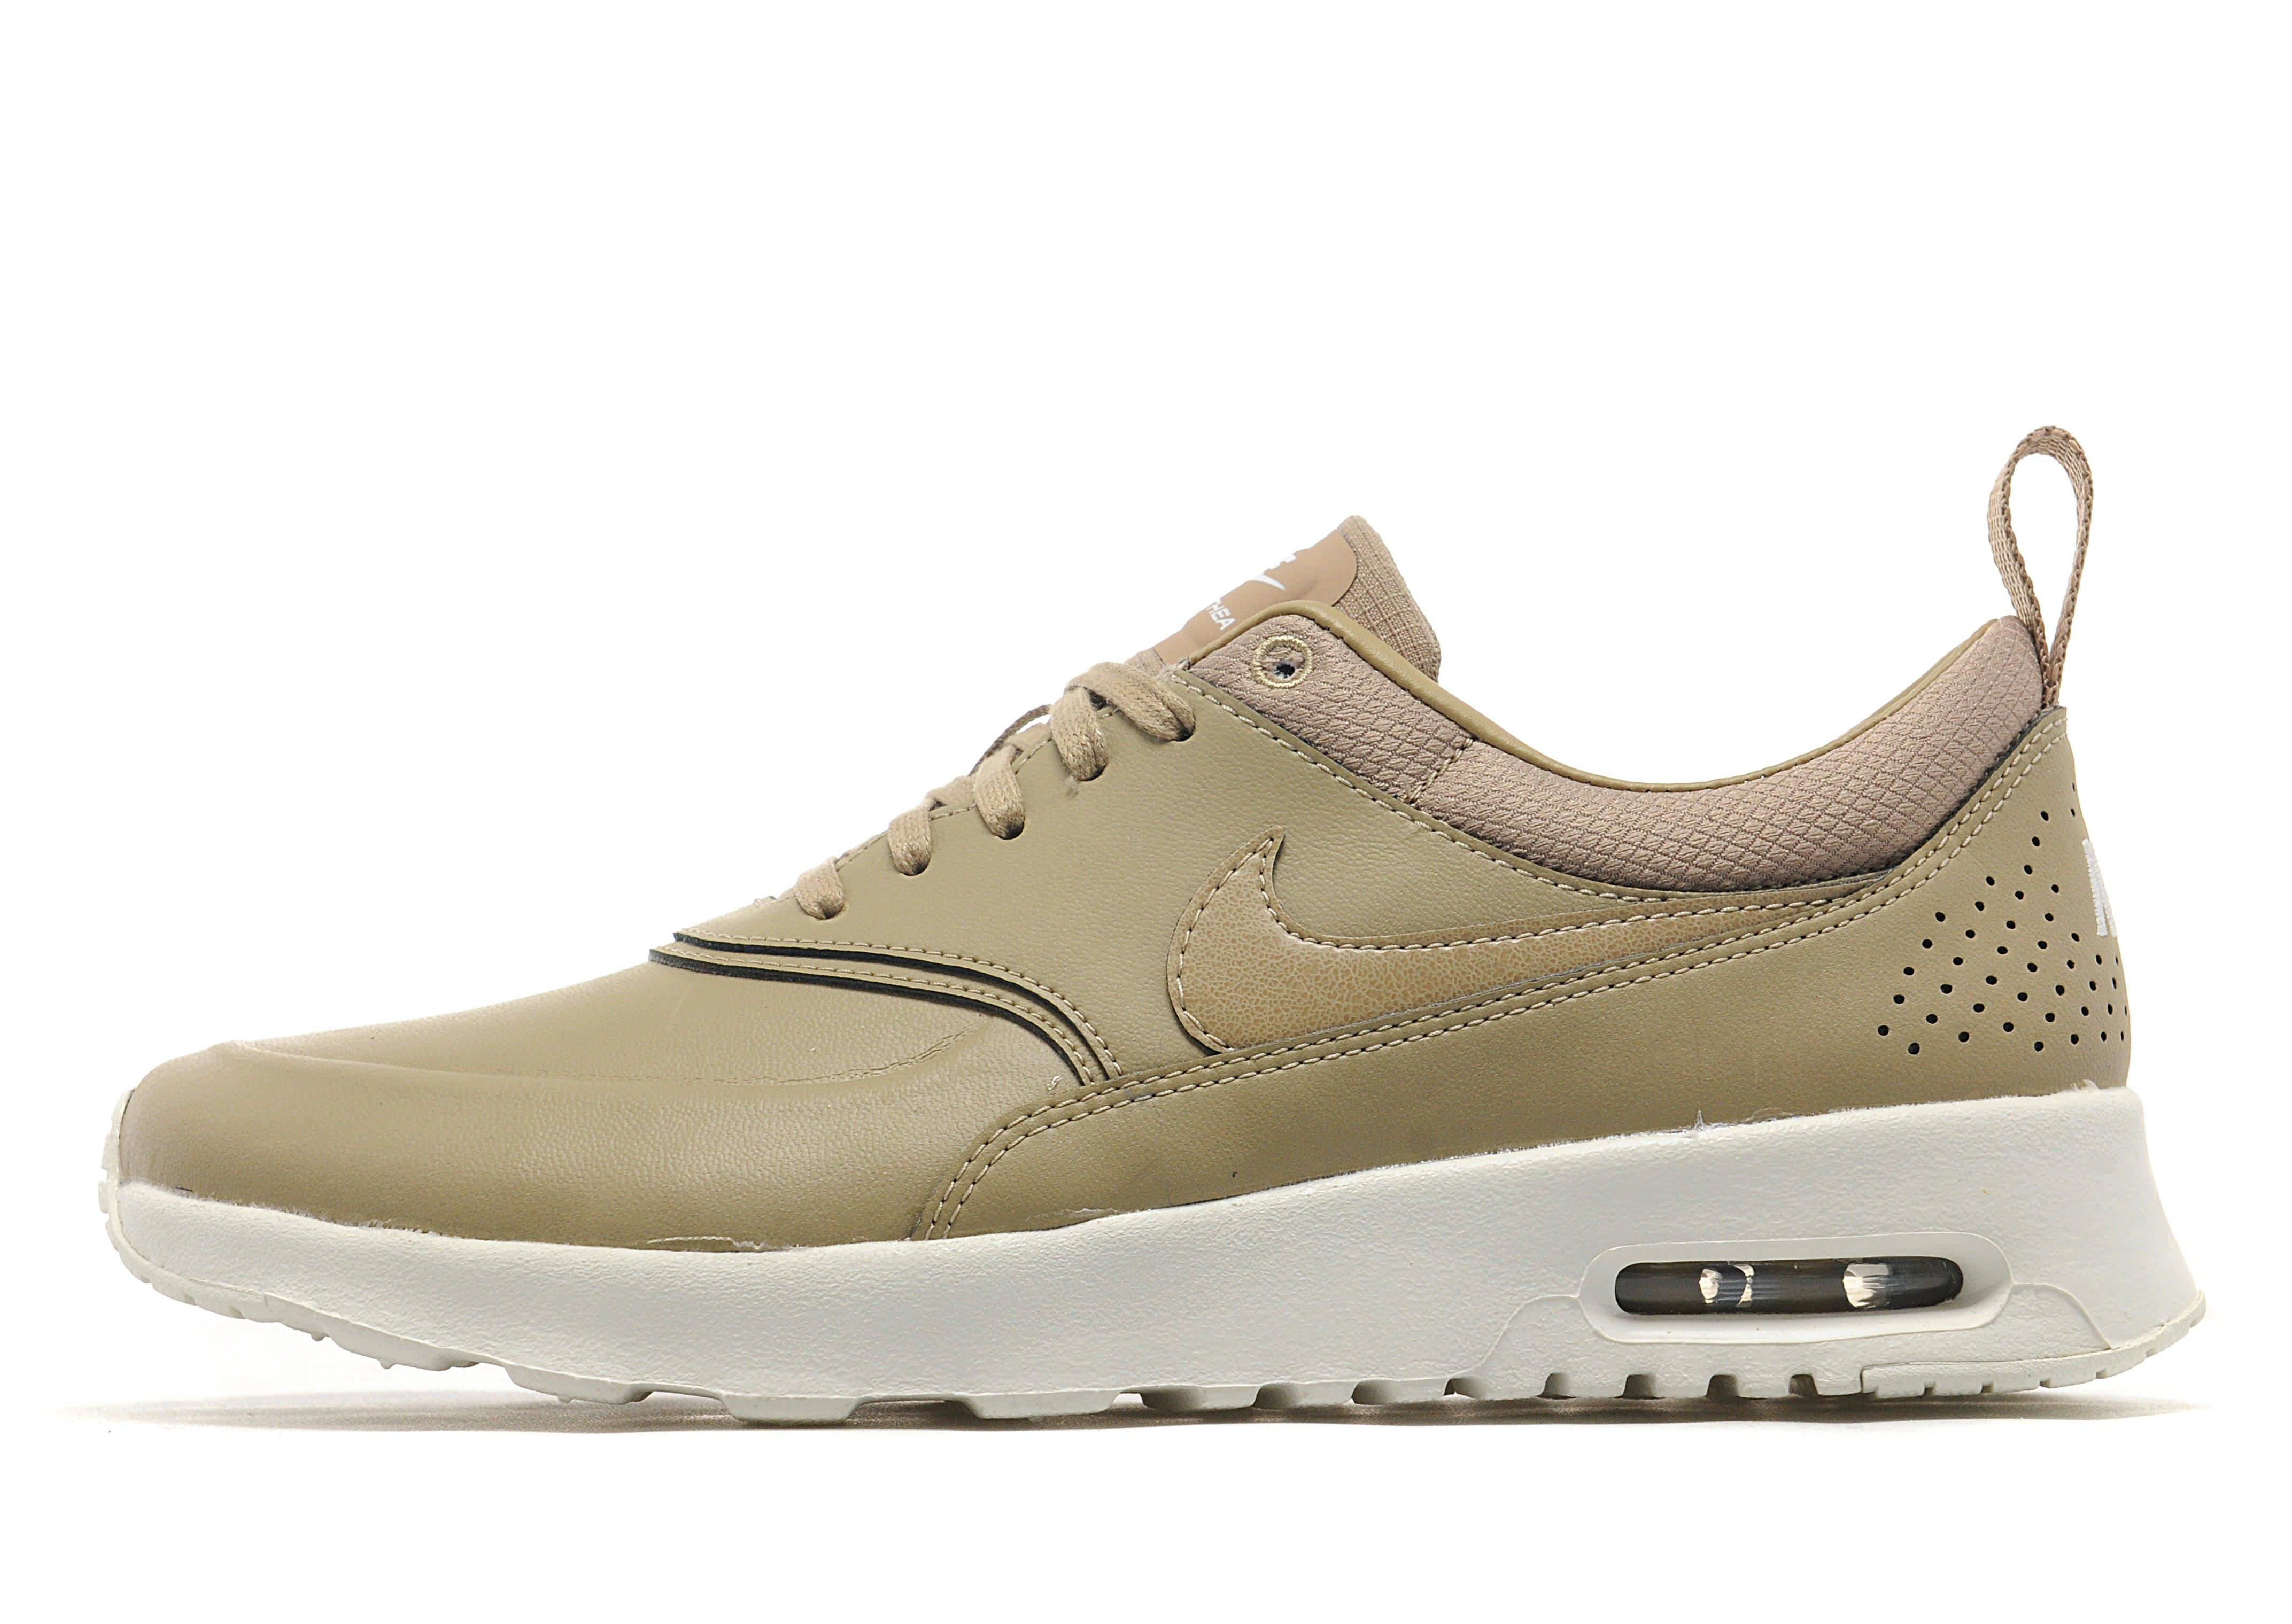 Nike Air Max Sable En Cuir Thea Premium Nmd Blanc